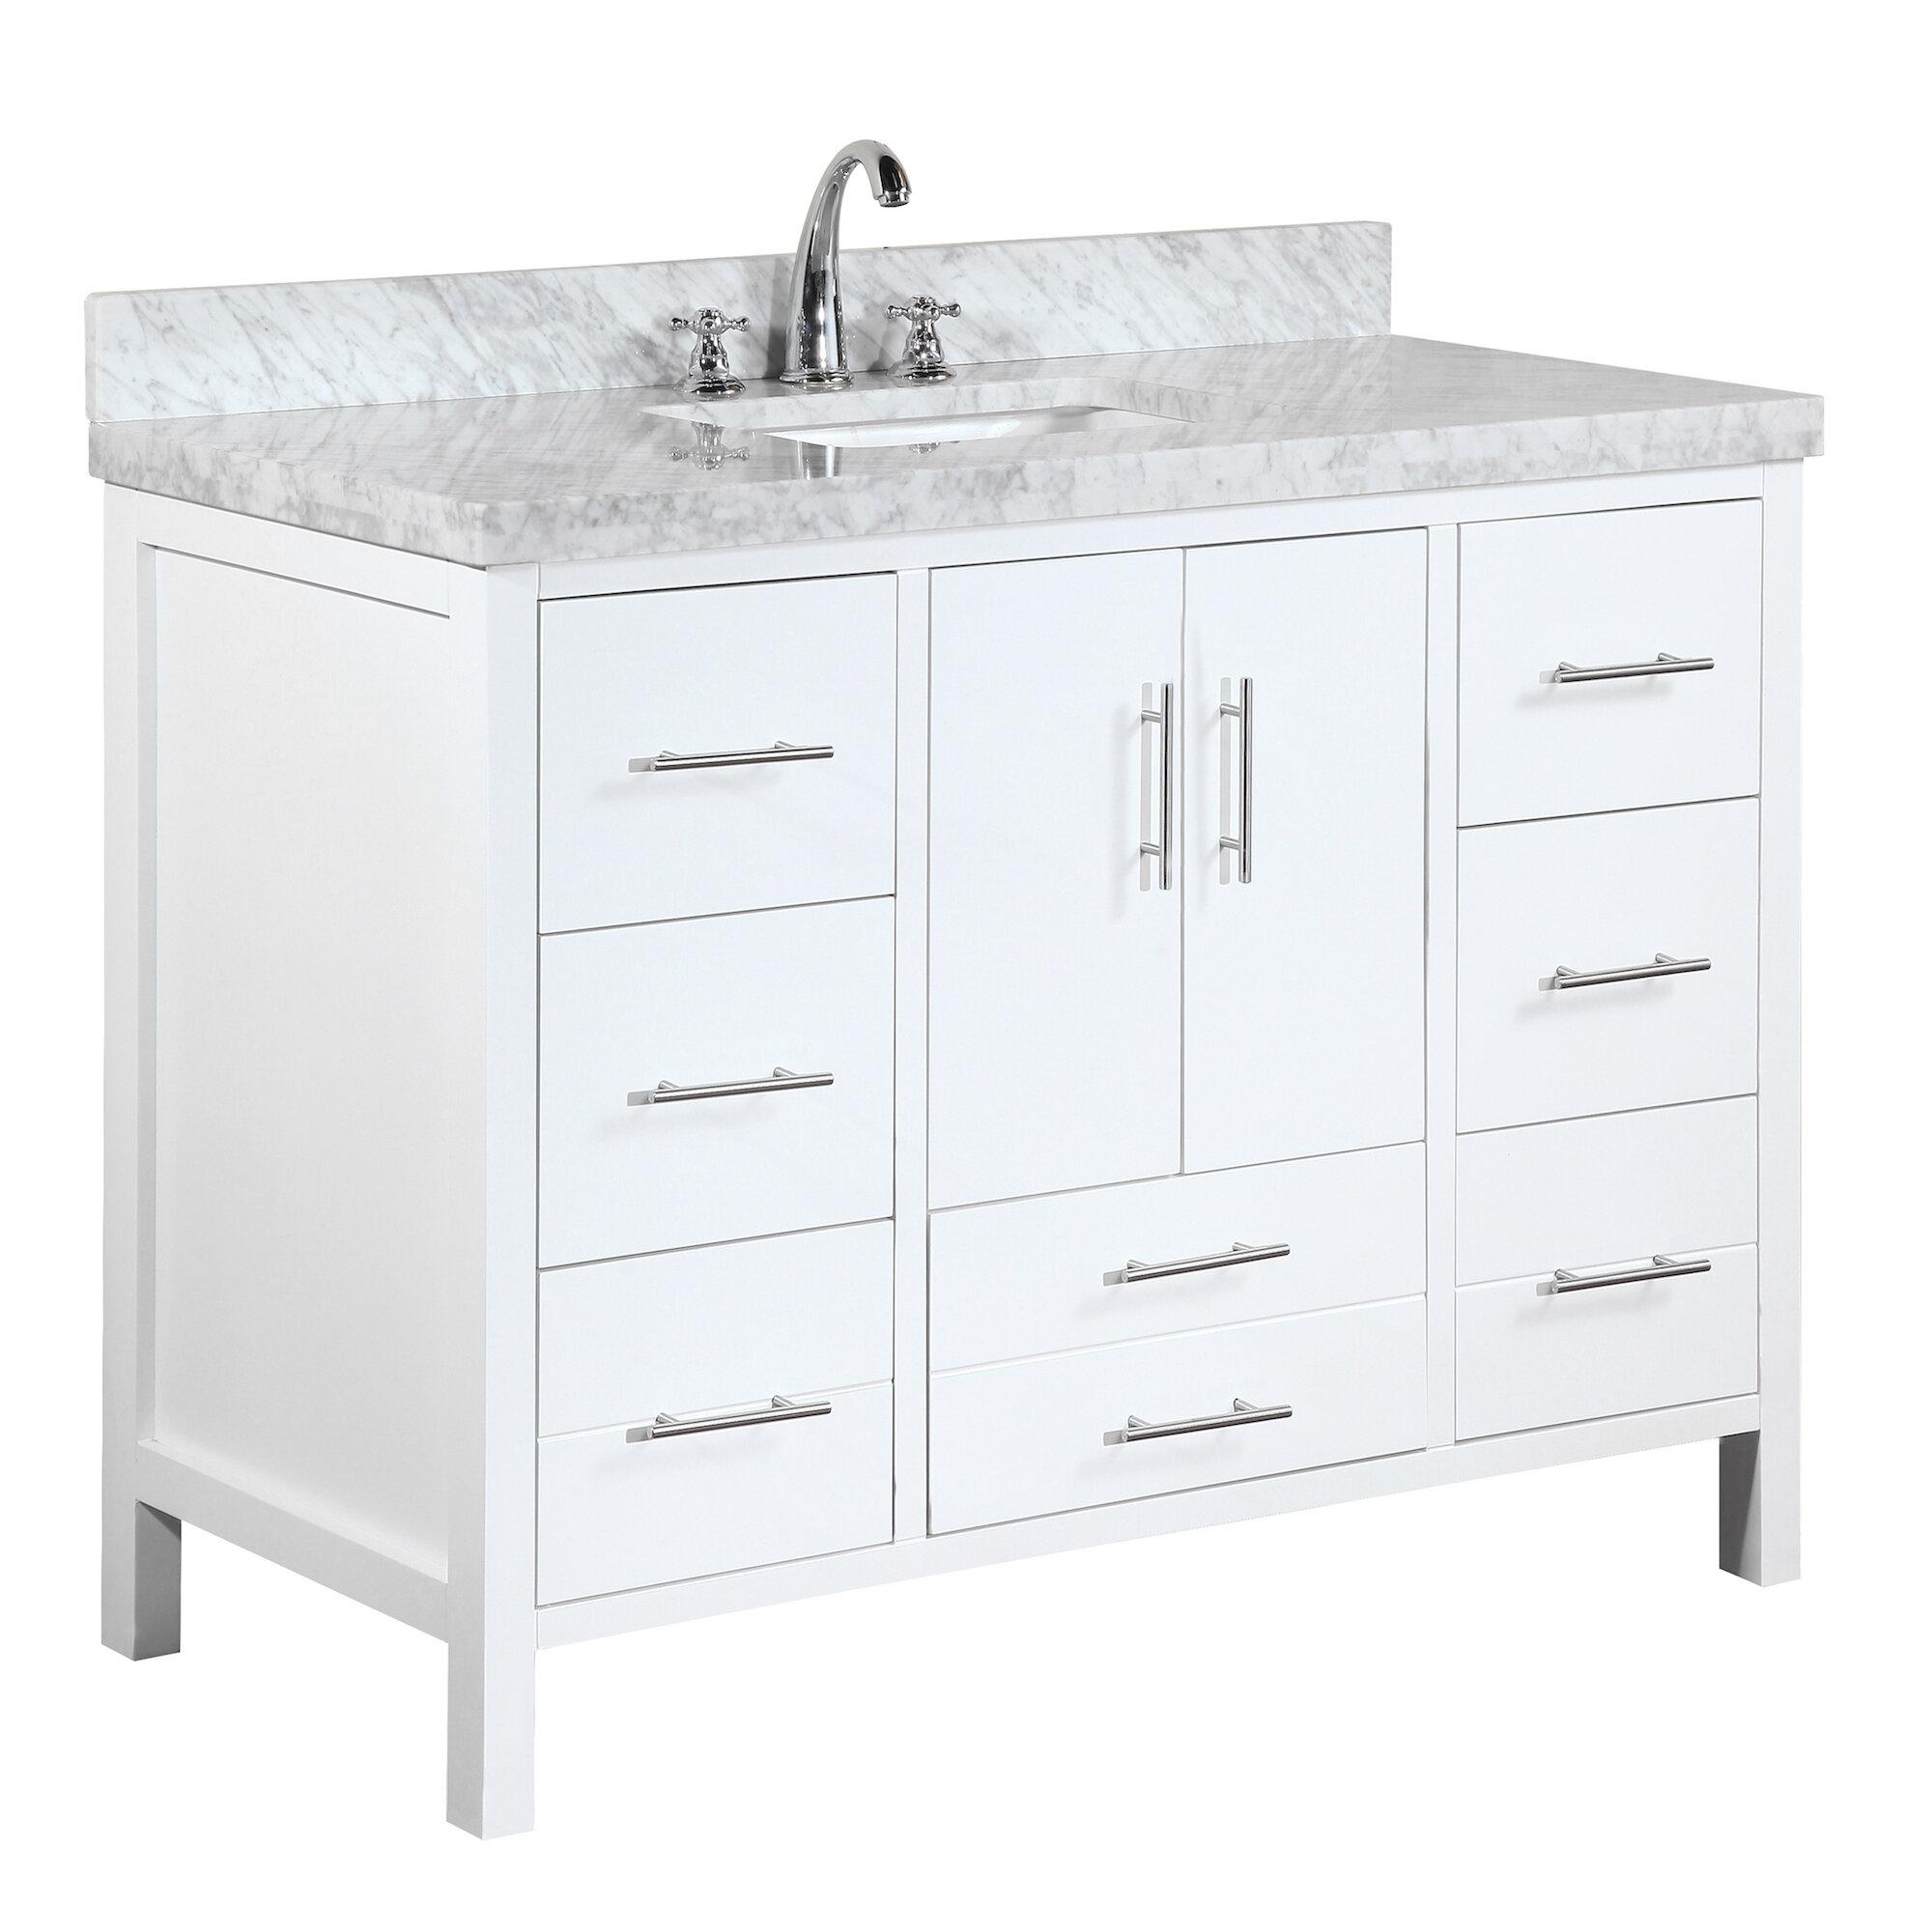 KBC California Single Bathroom Vanity Set Reviews Wayfair - Bathroom vanities northridge ca